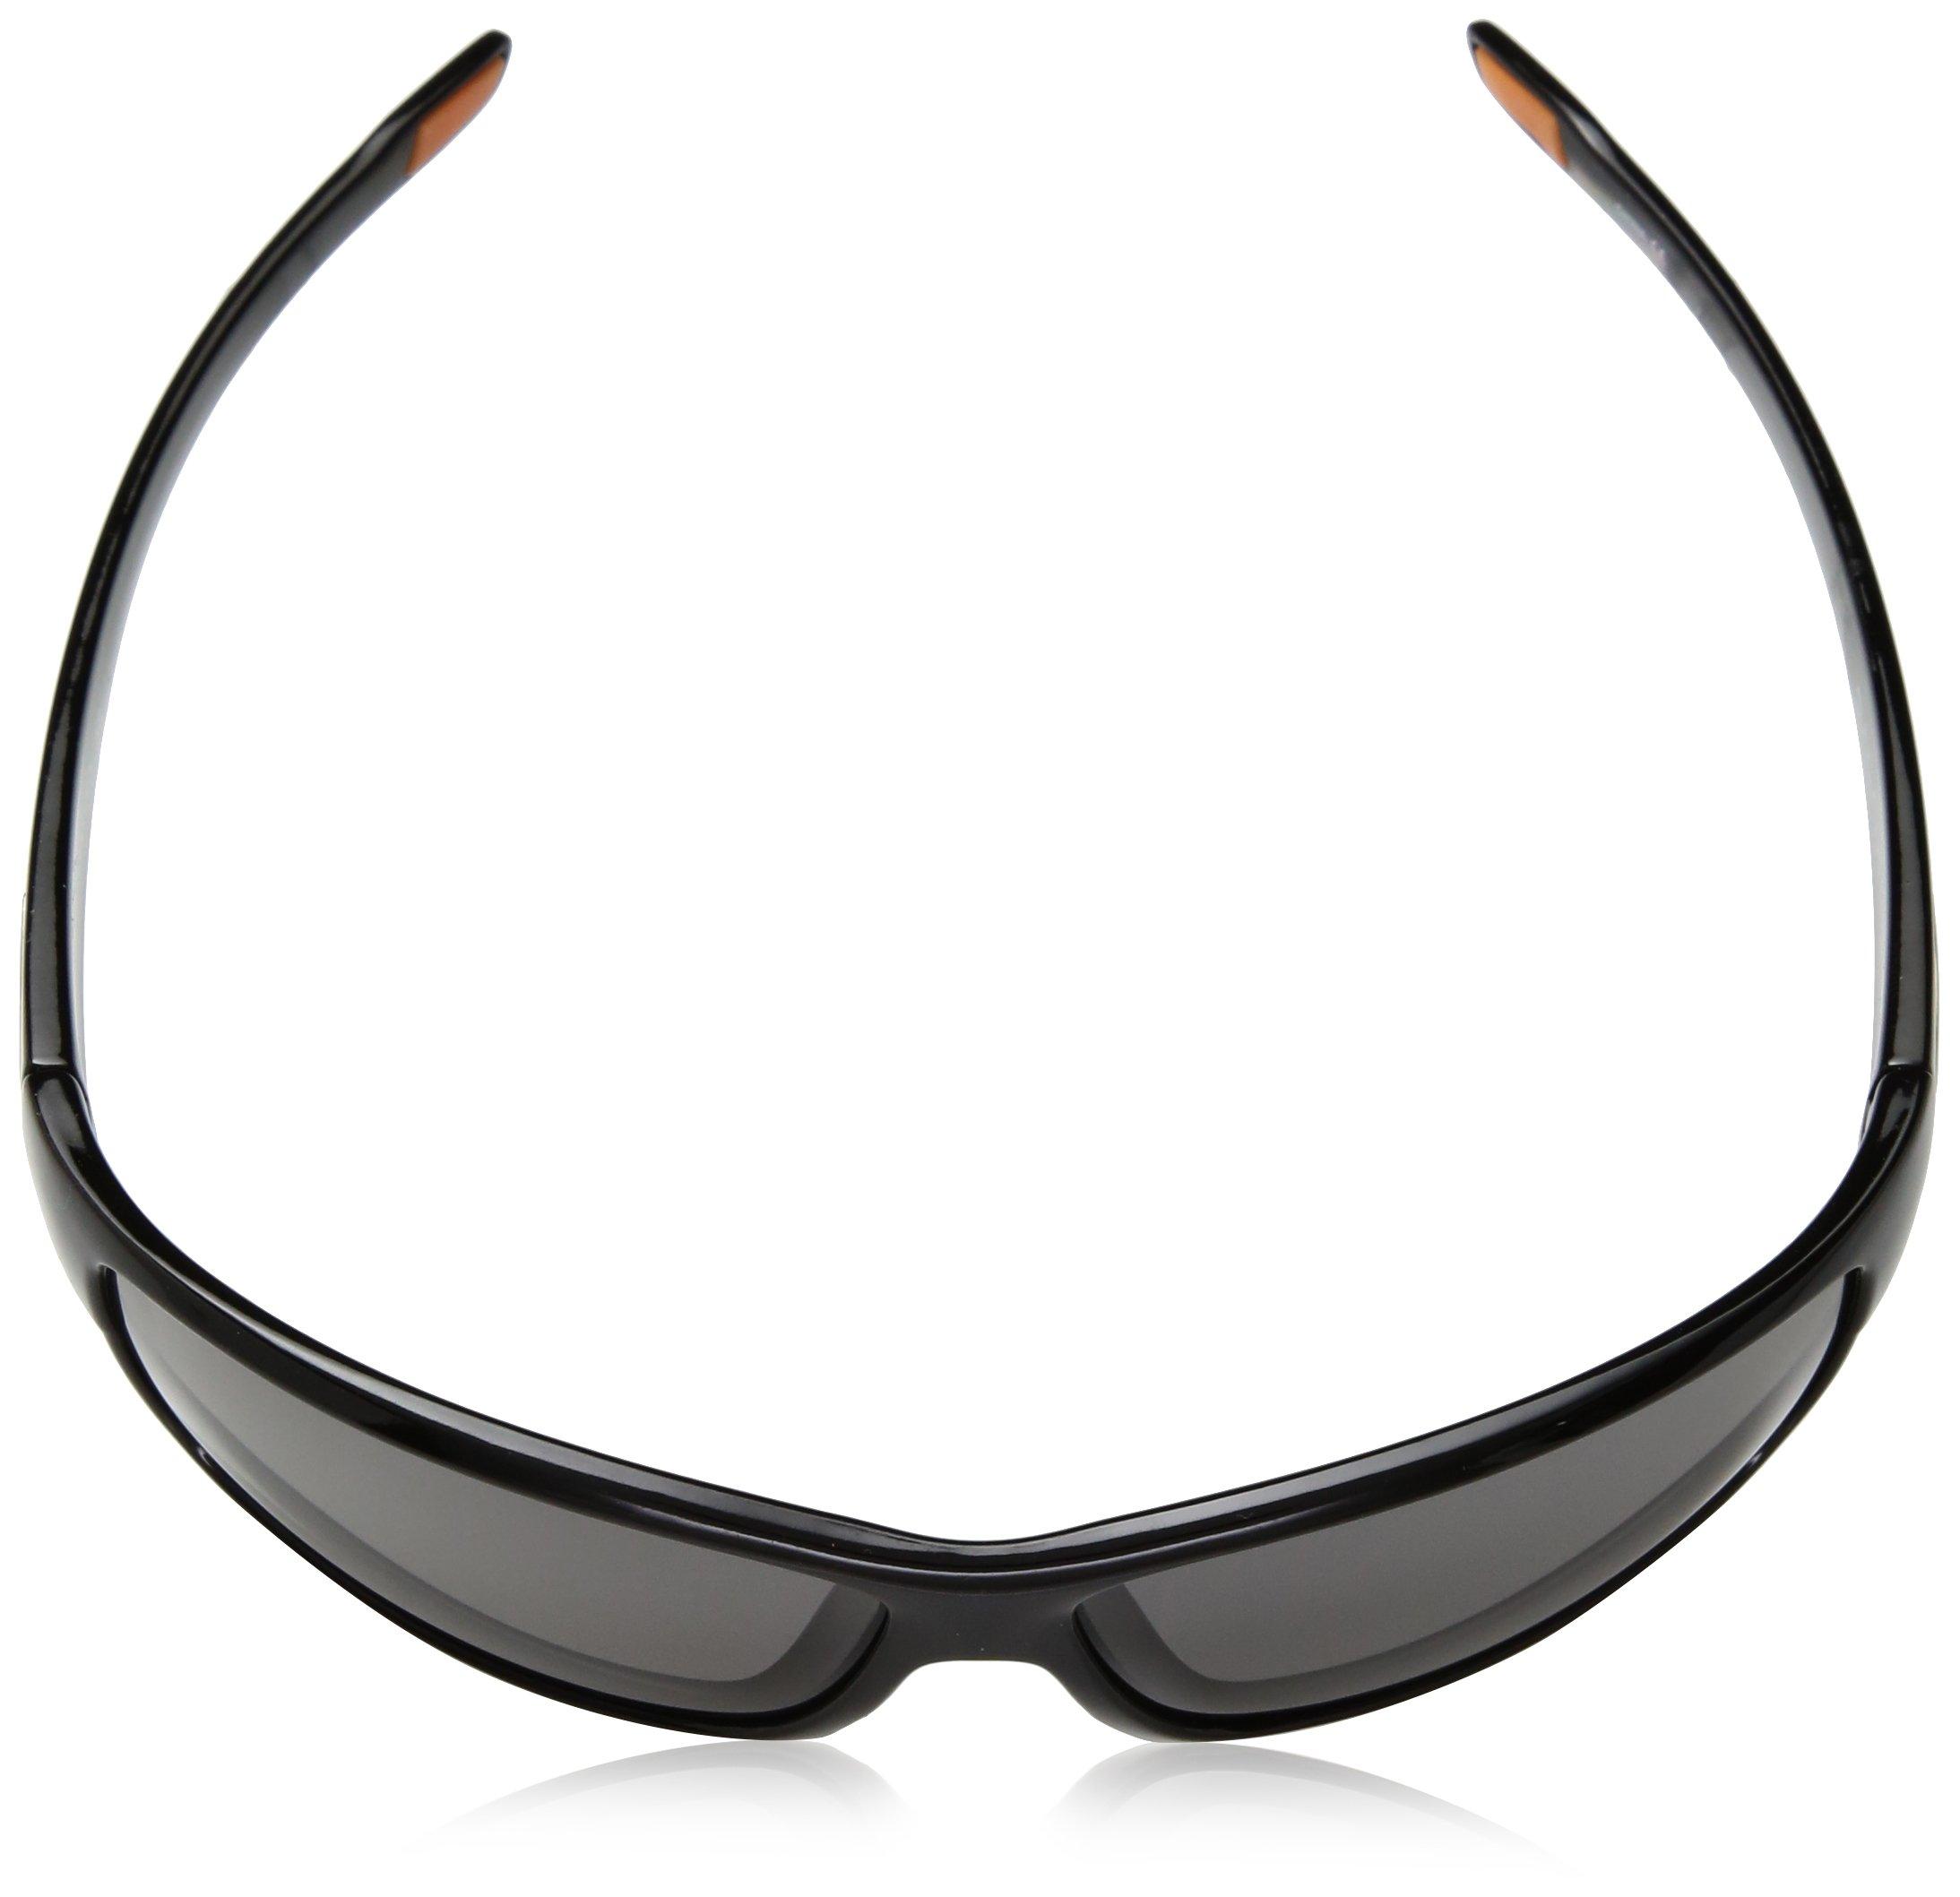 d46a52d62c Suncloud optics voucher injected frames polarized outdoor sunglasses black  gray jpg 2187x2117 Suncloud voucher